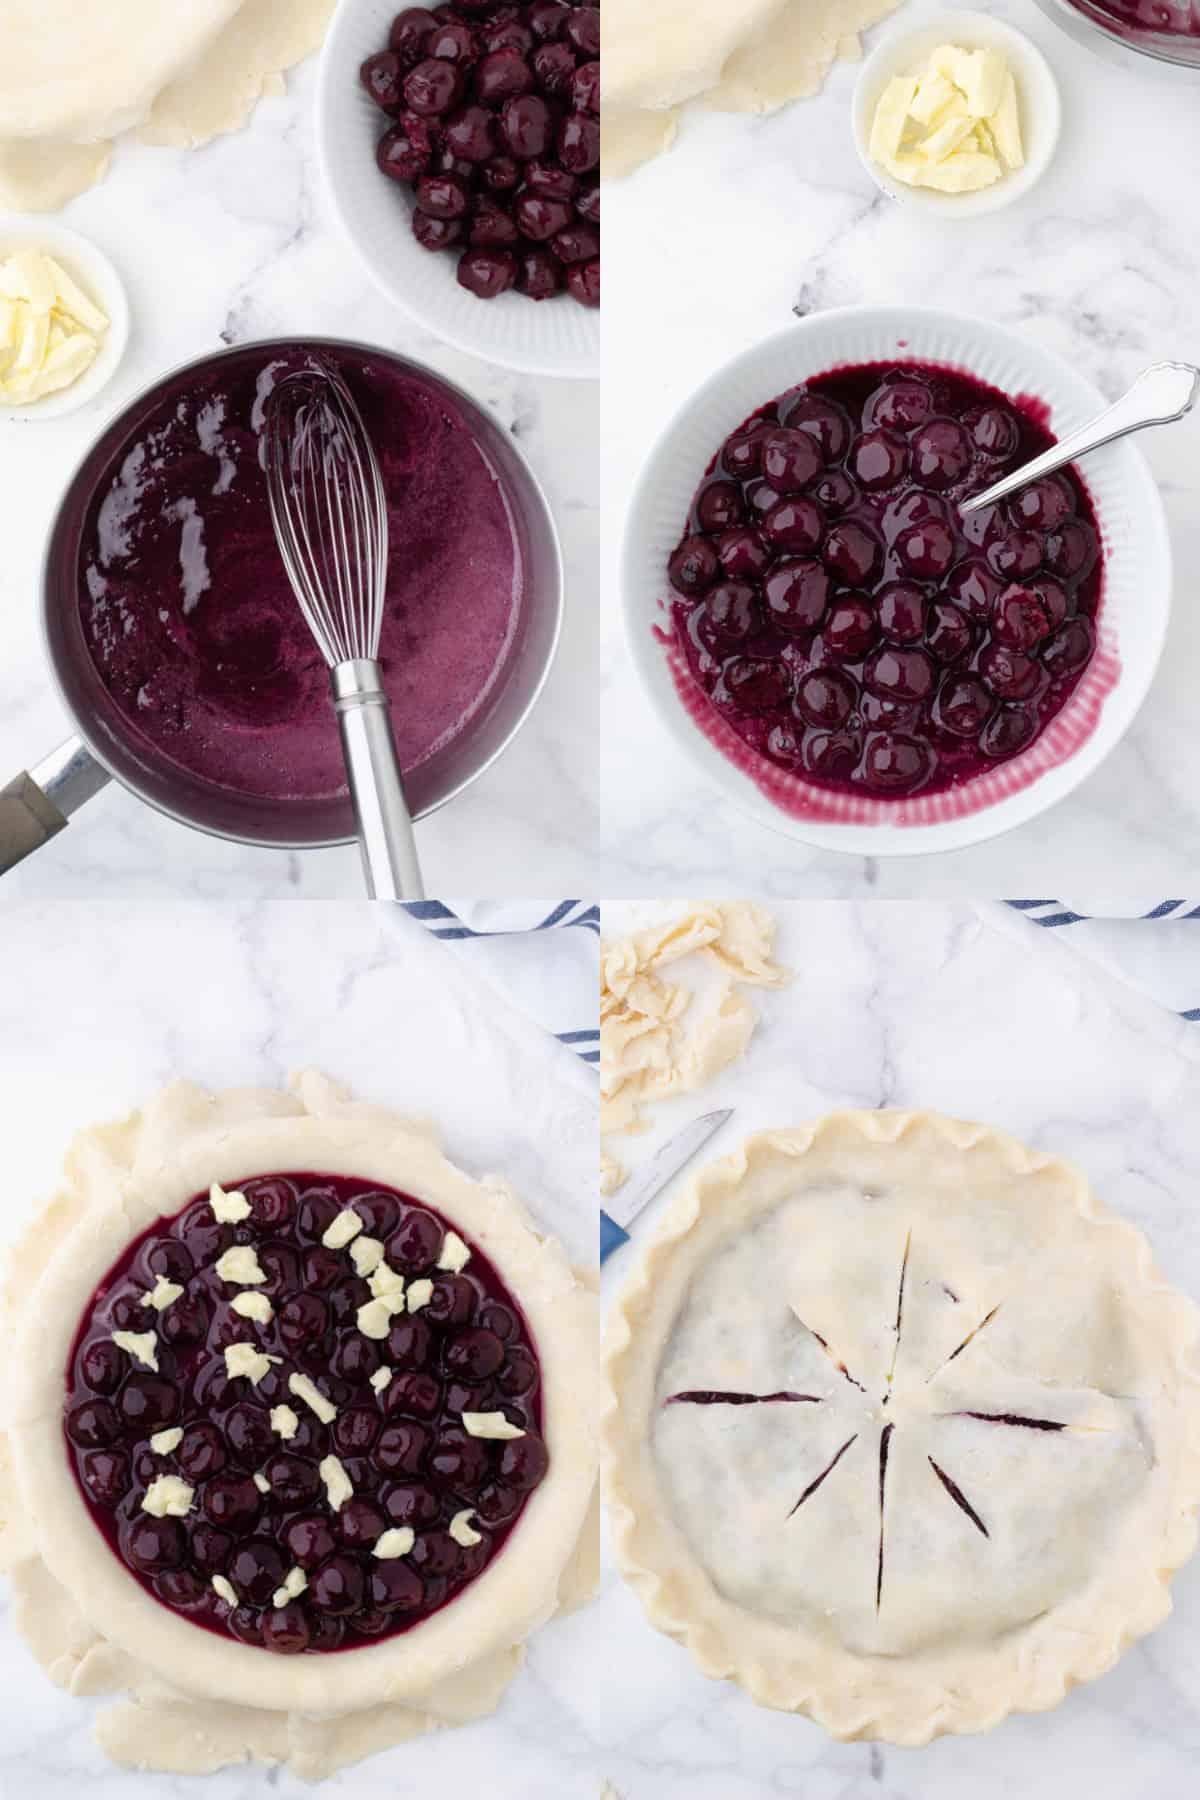 Cuatro fotos de proceso.  Primero, jugo de cereza en una cacerola.  En segundo lugar, las cerezas se vierten en la cacerola.  Tercero, cerezas espesas sobre una base de tarta casera.  Cuarto, la corteza de pastel superior colocada encima.